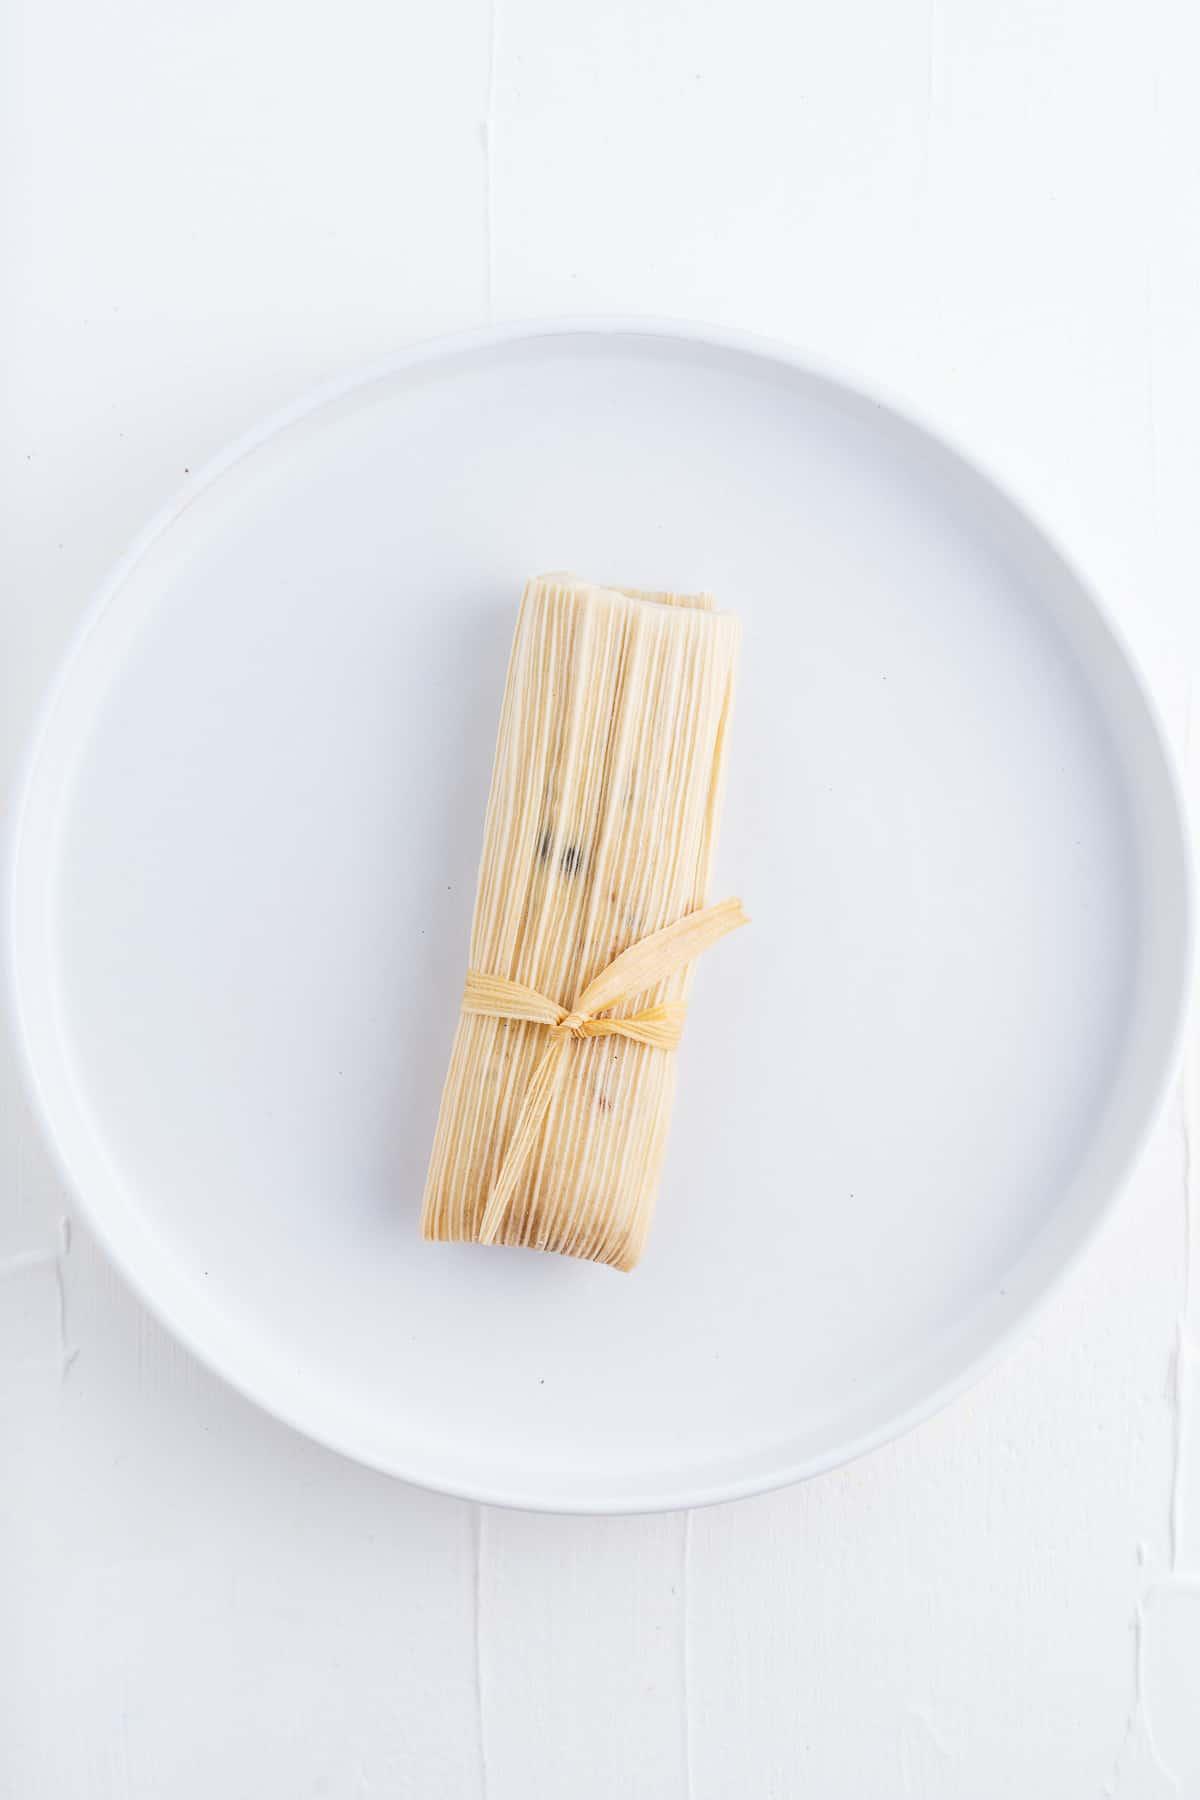 Tamal on a Plate